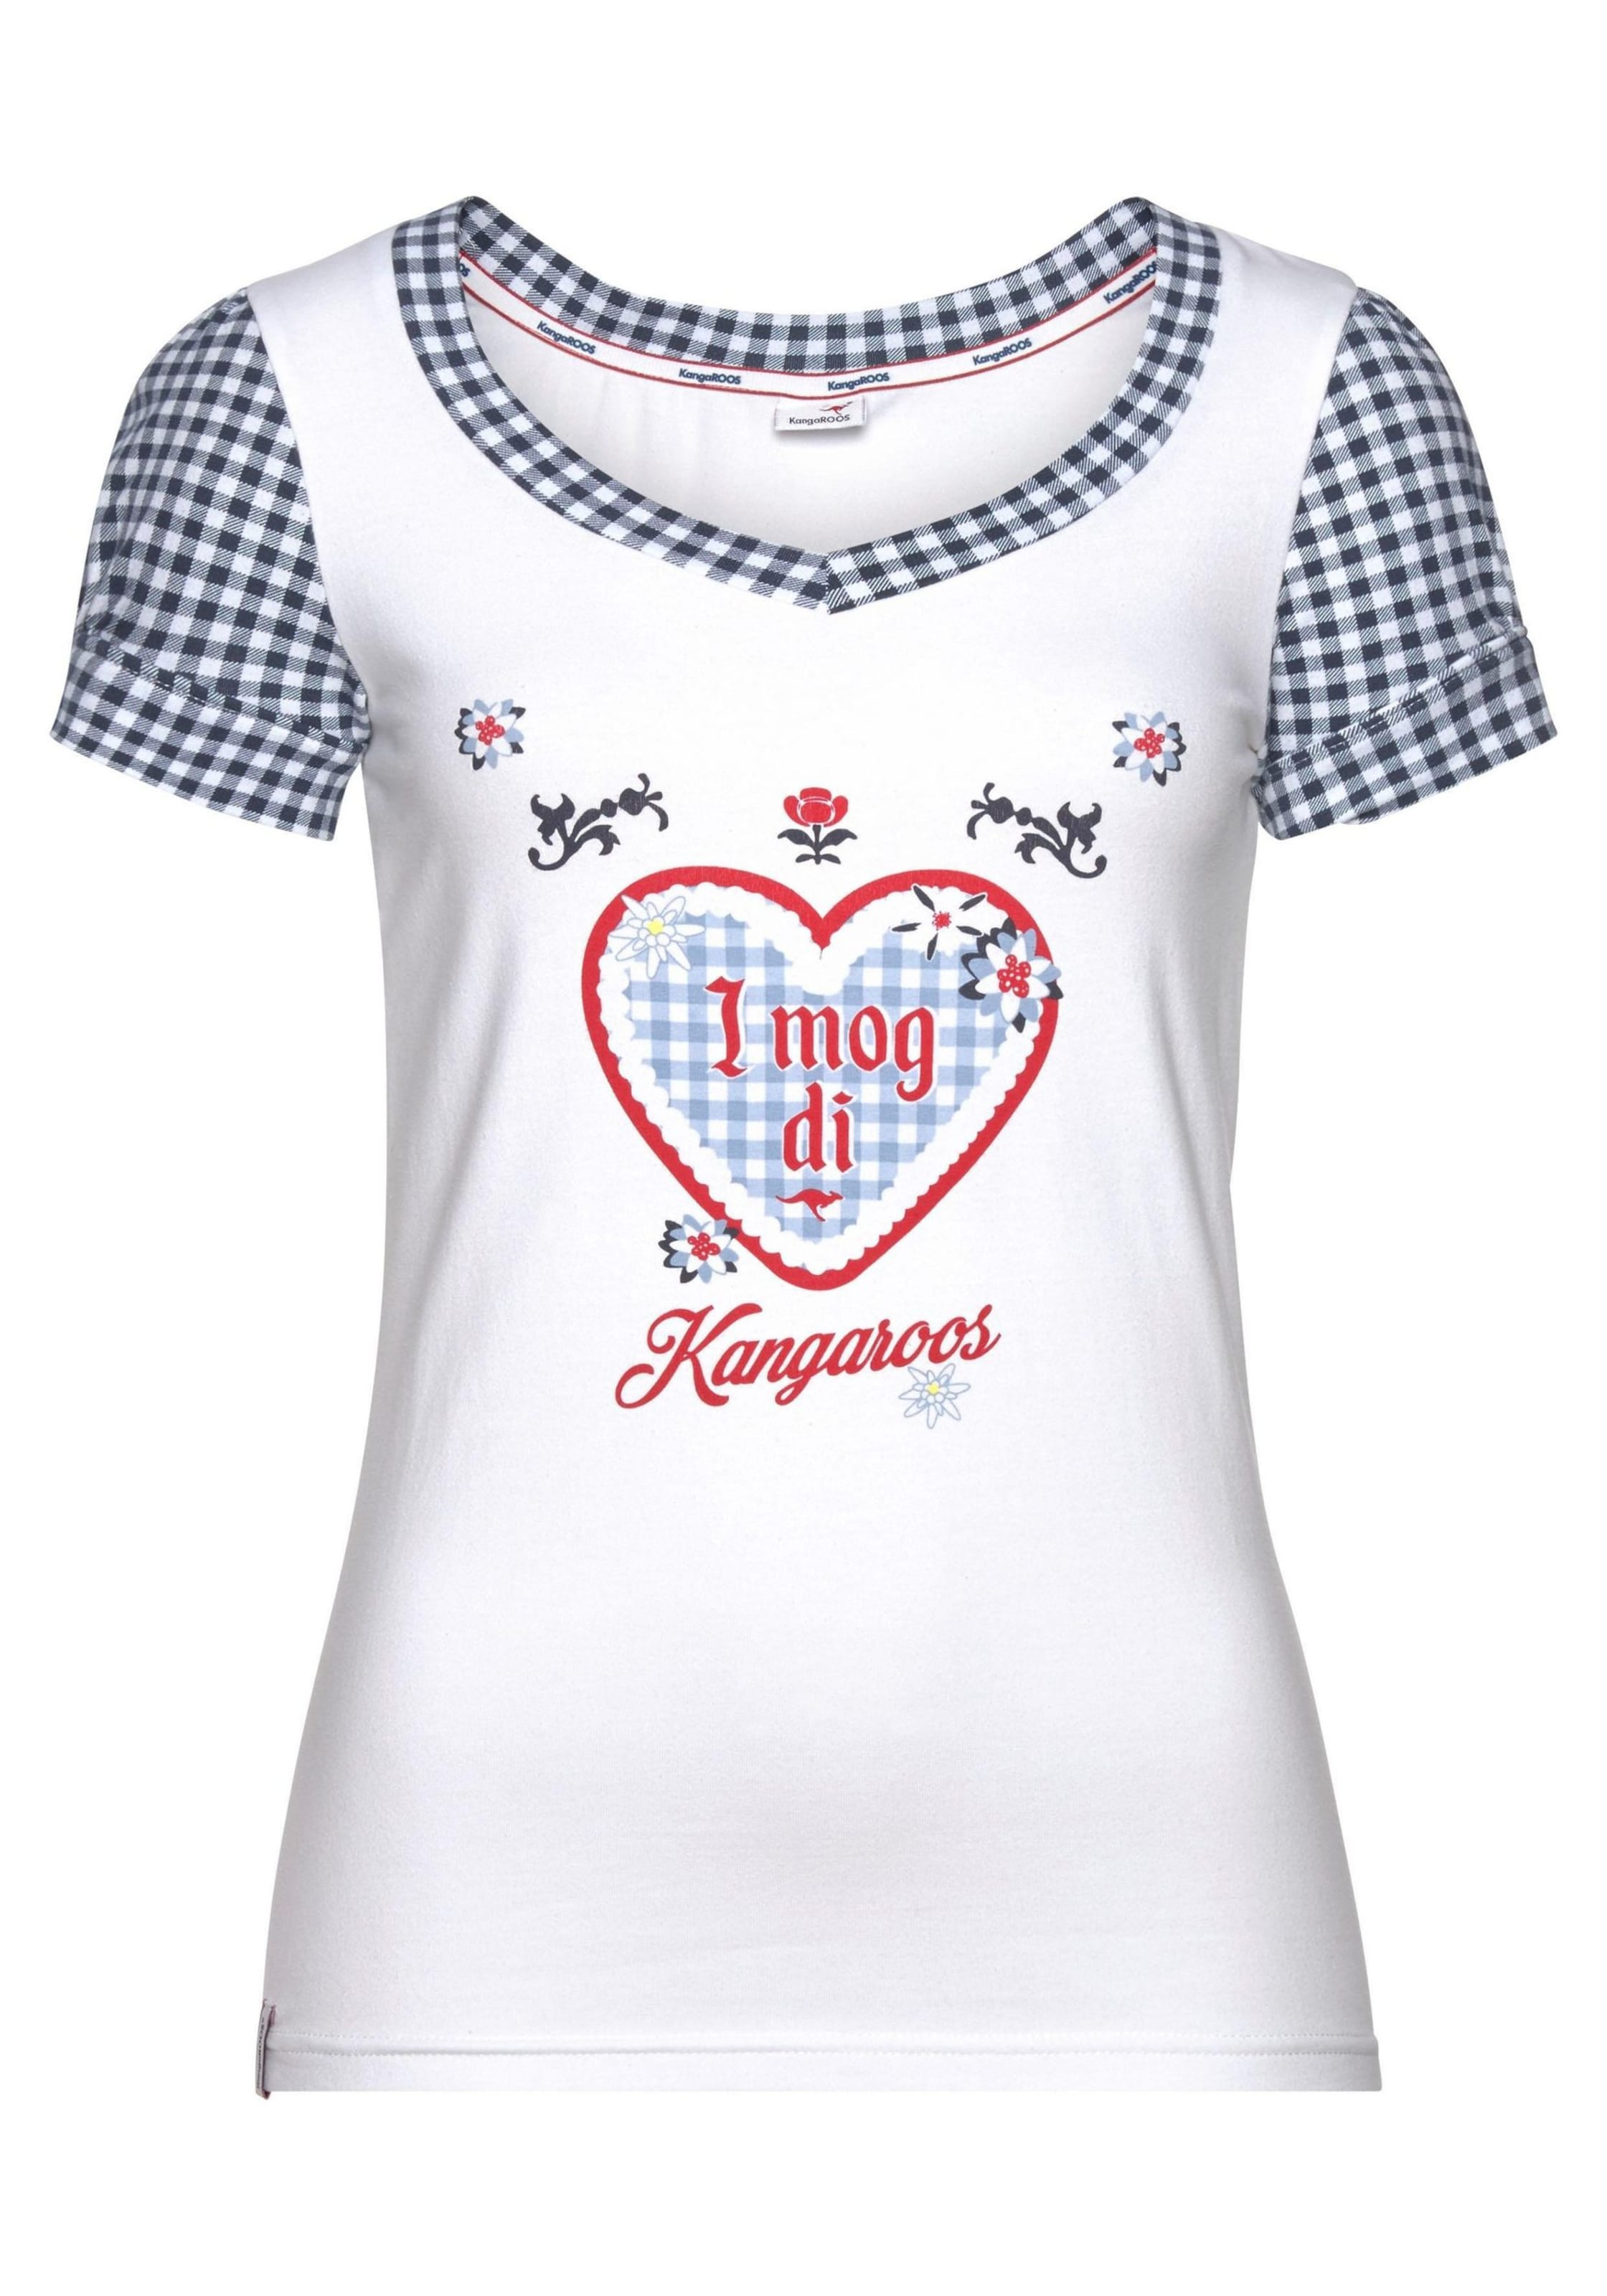 Kangaroos Shirt Shirt In Kangaroos In Kangaroos NachtblauWeiß NachtblauWeiß 5A3jL4R